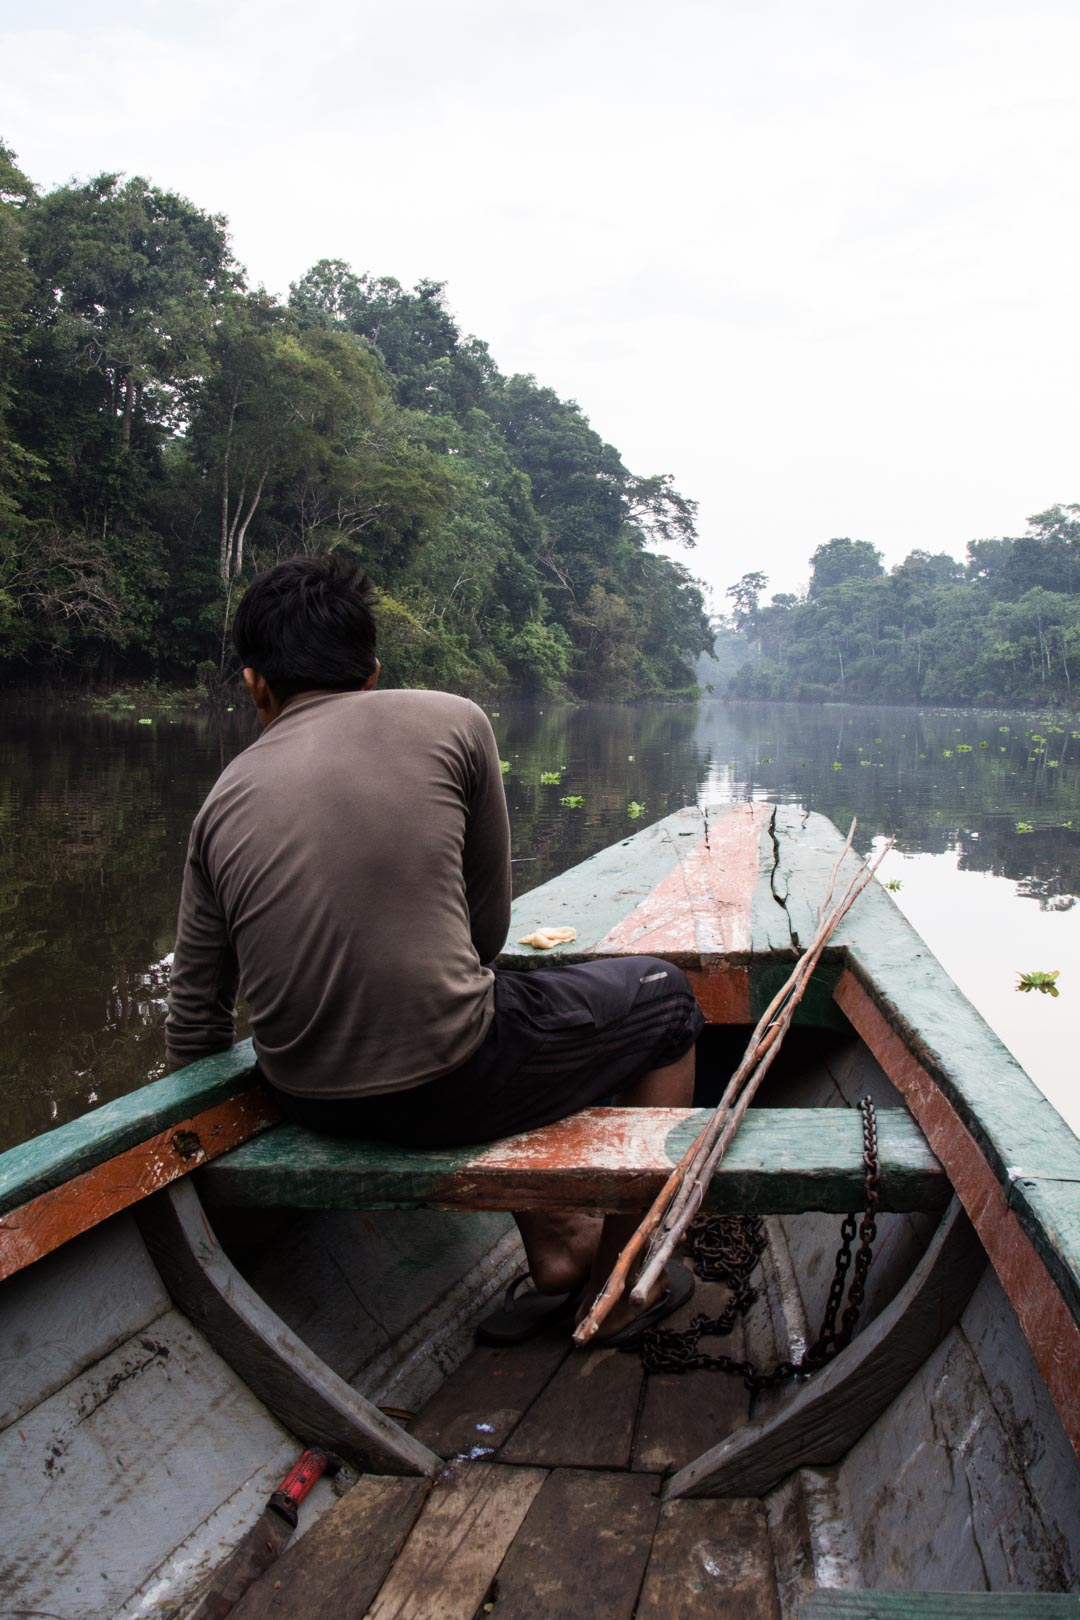 veneellä piraijoja kalastamaan Amazonin sademetsässä